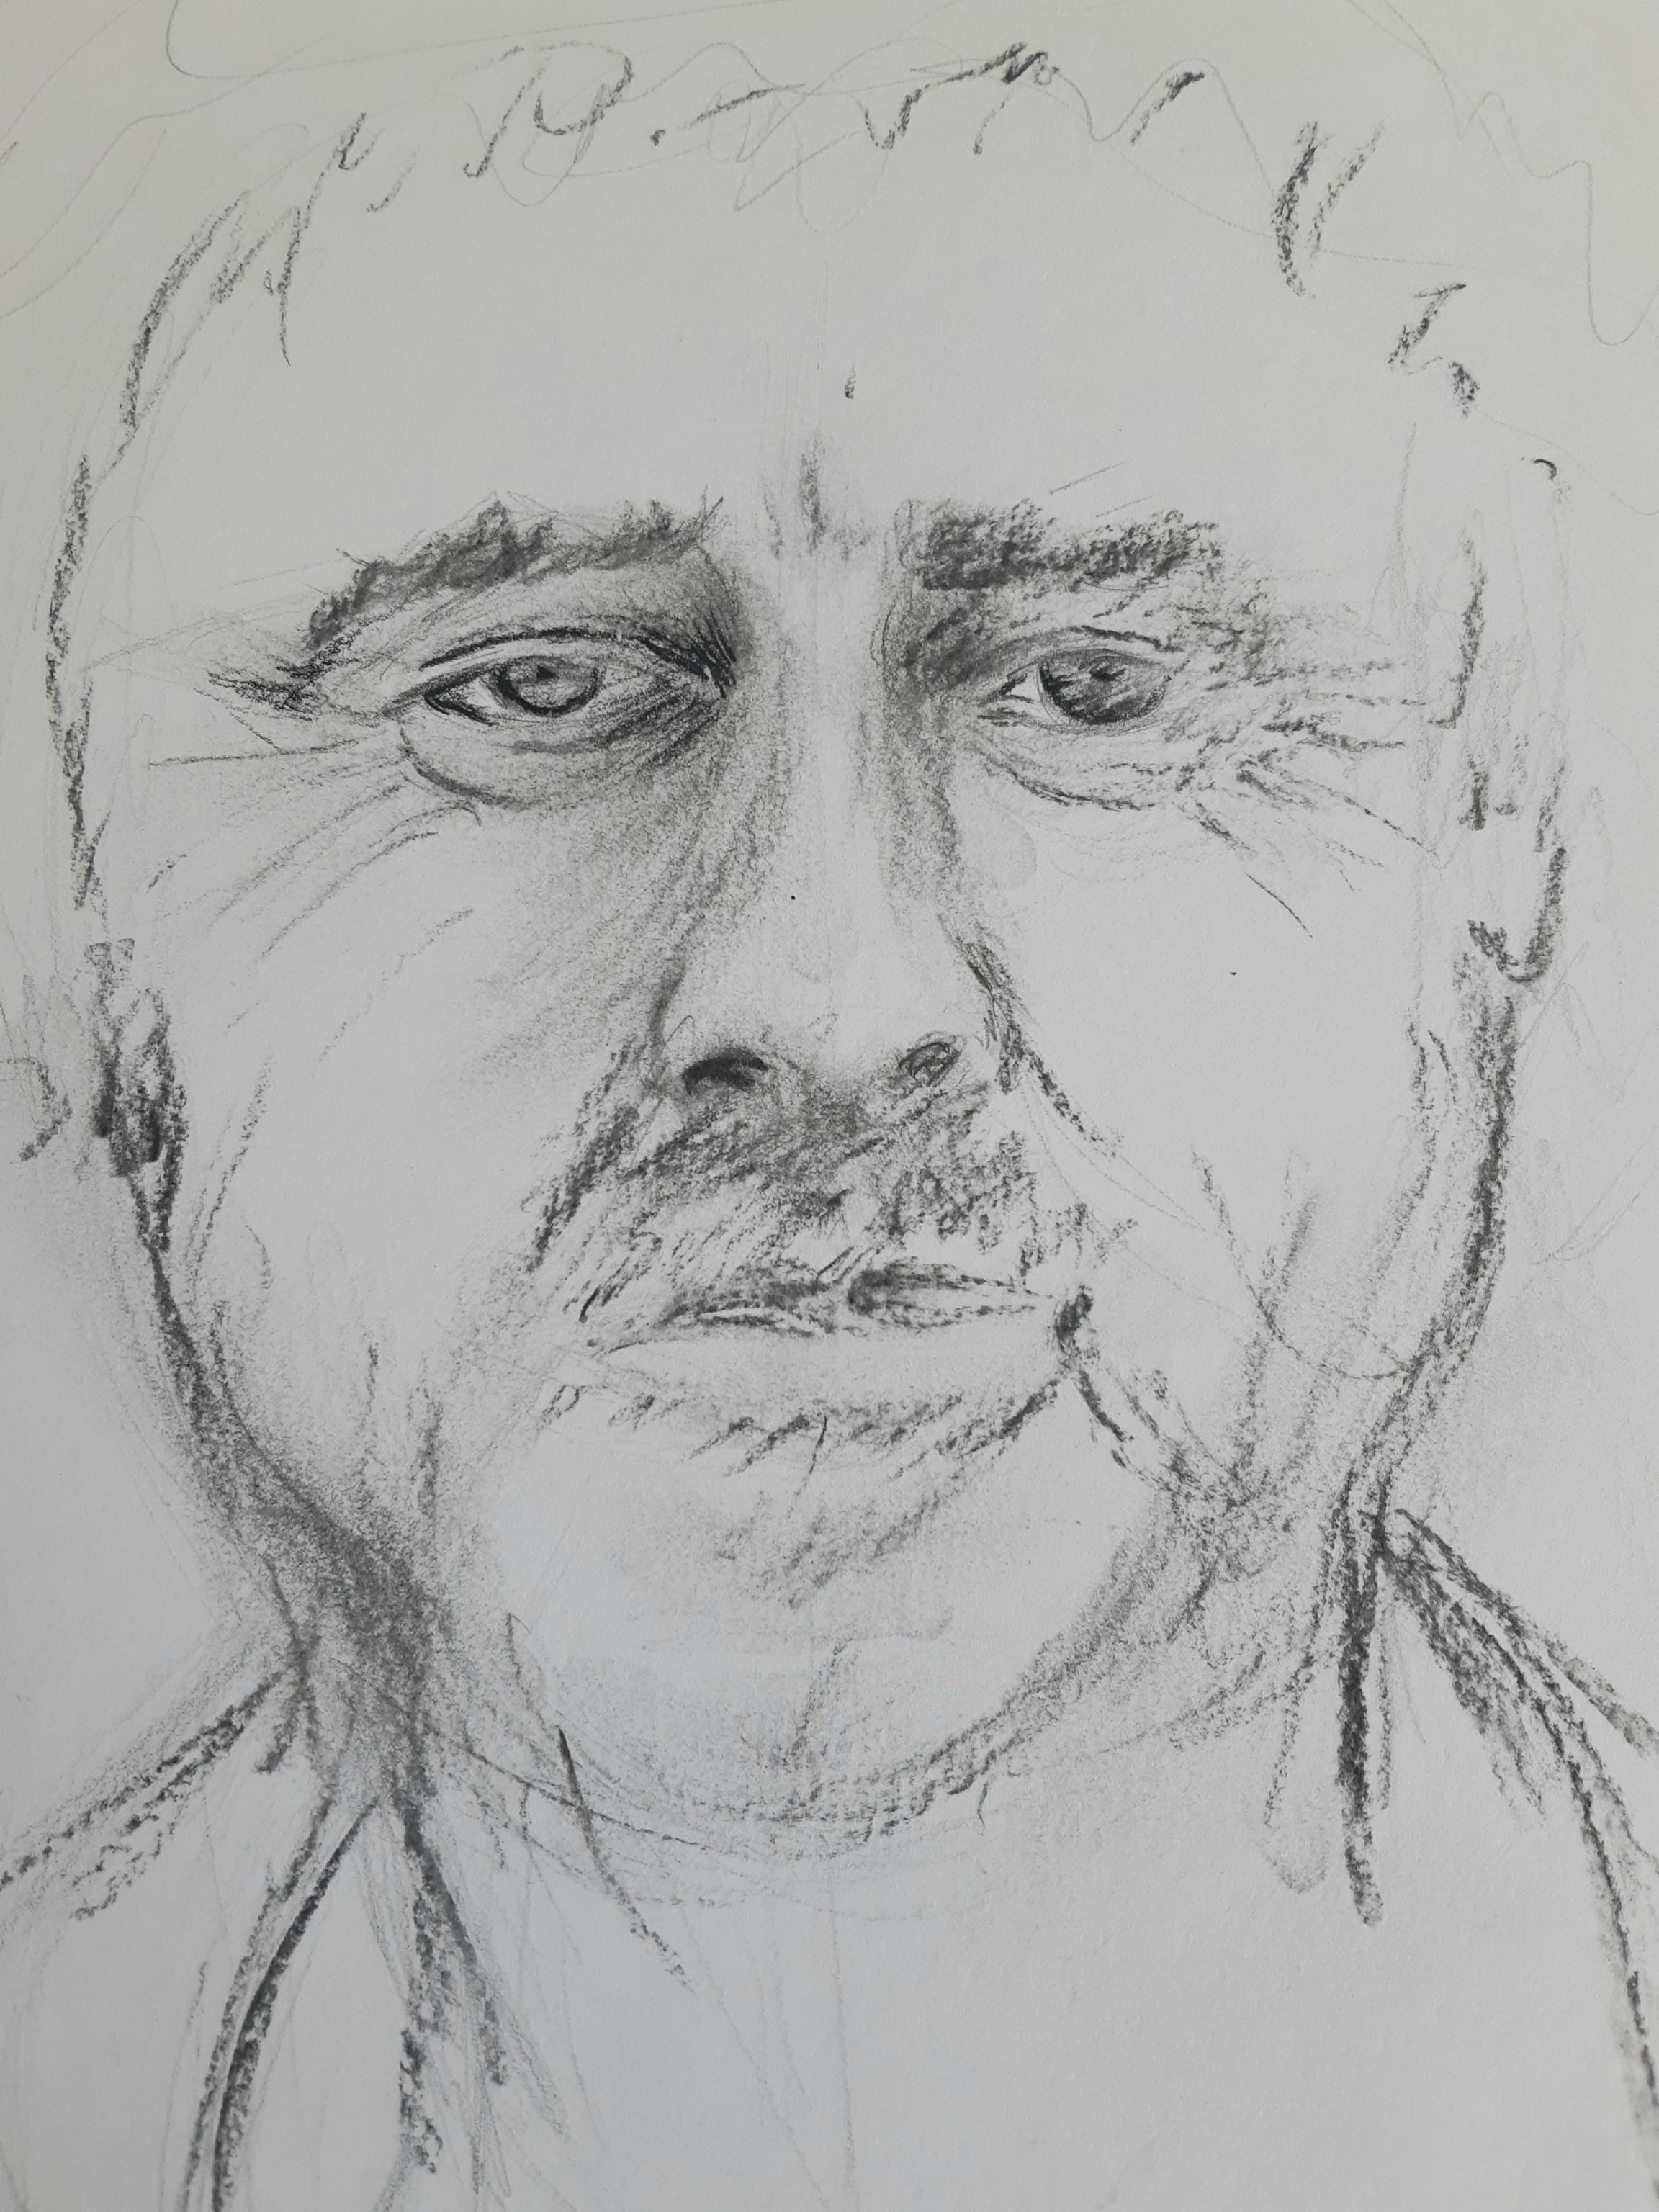 Esquisse portraits face fusain  cours de dessin